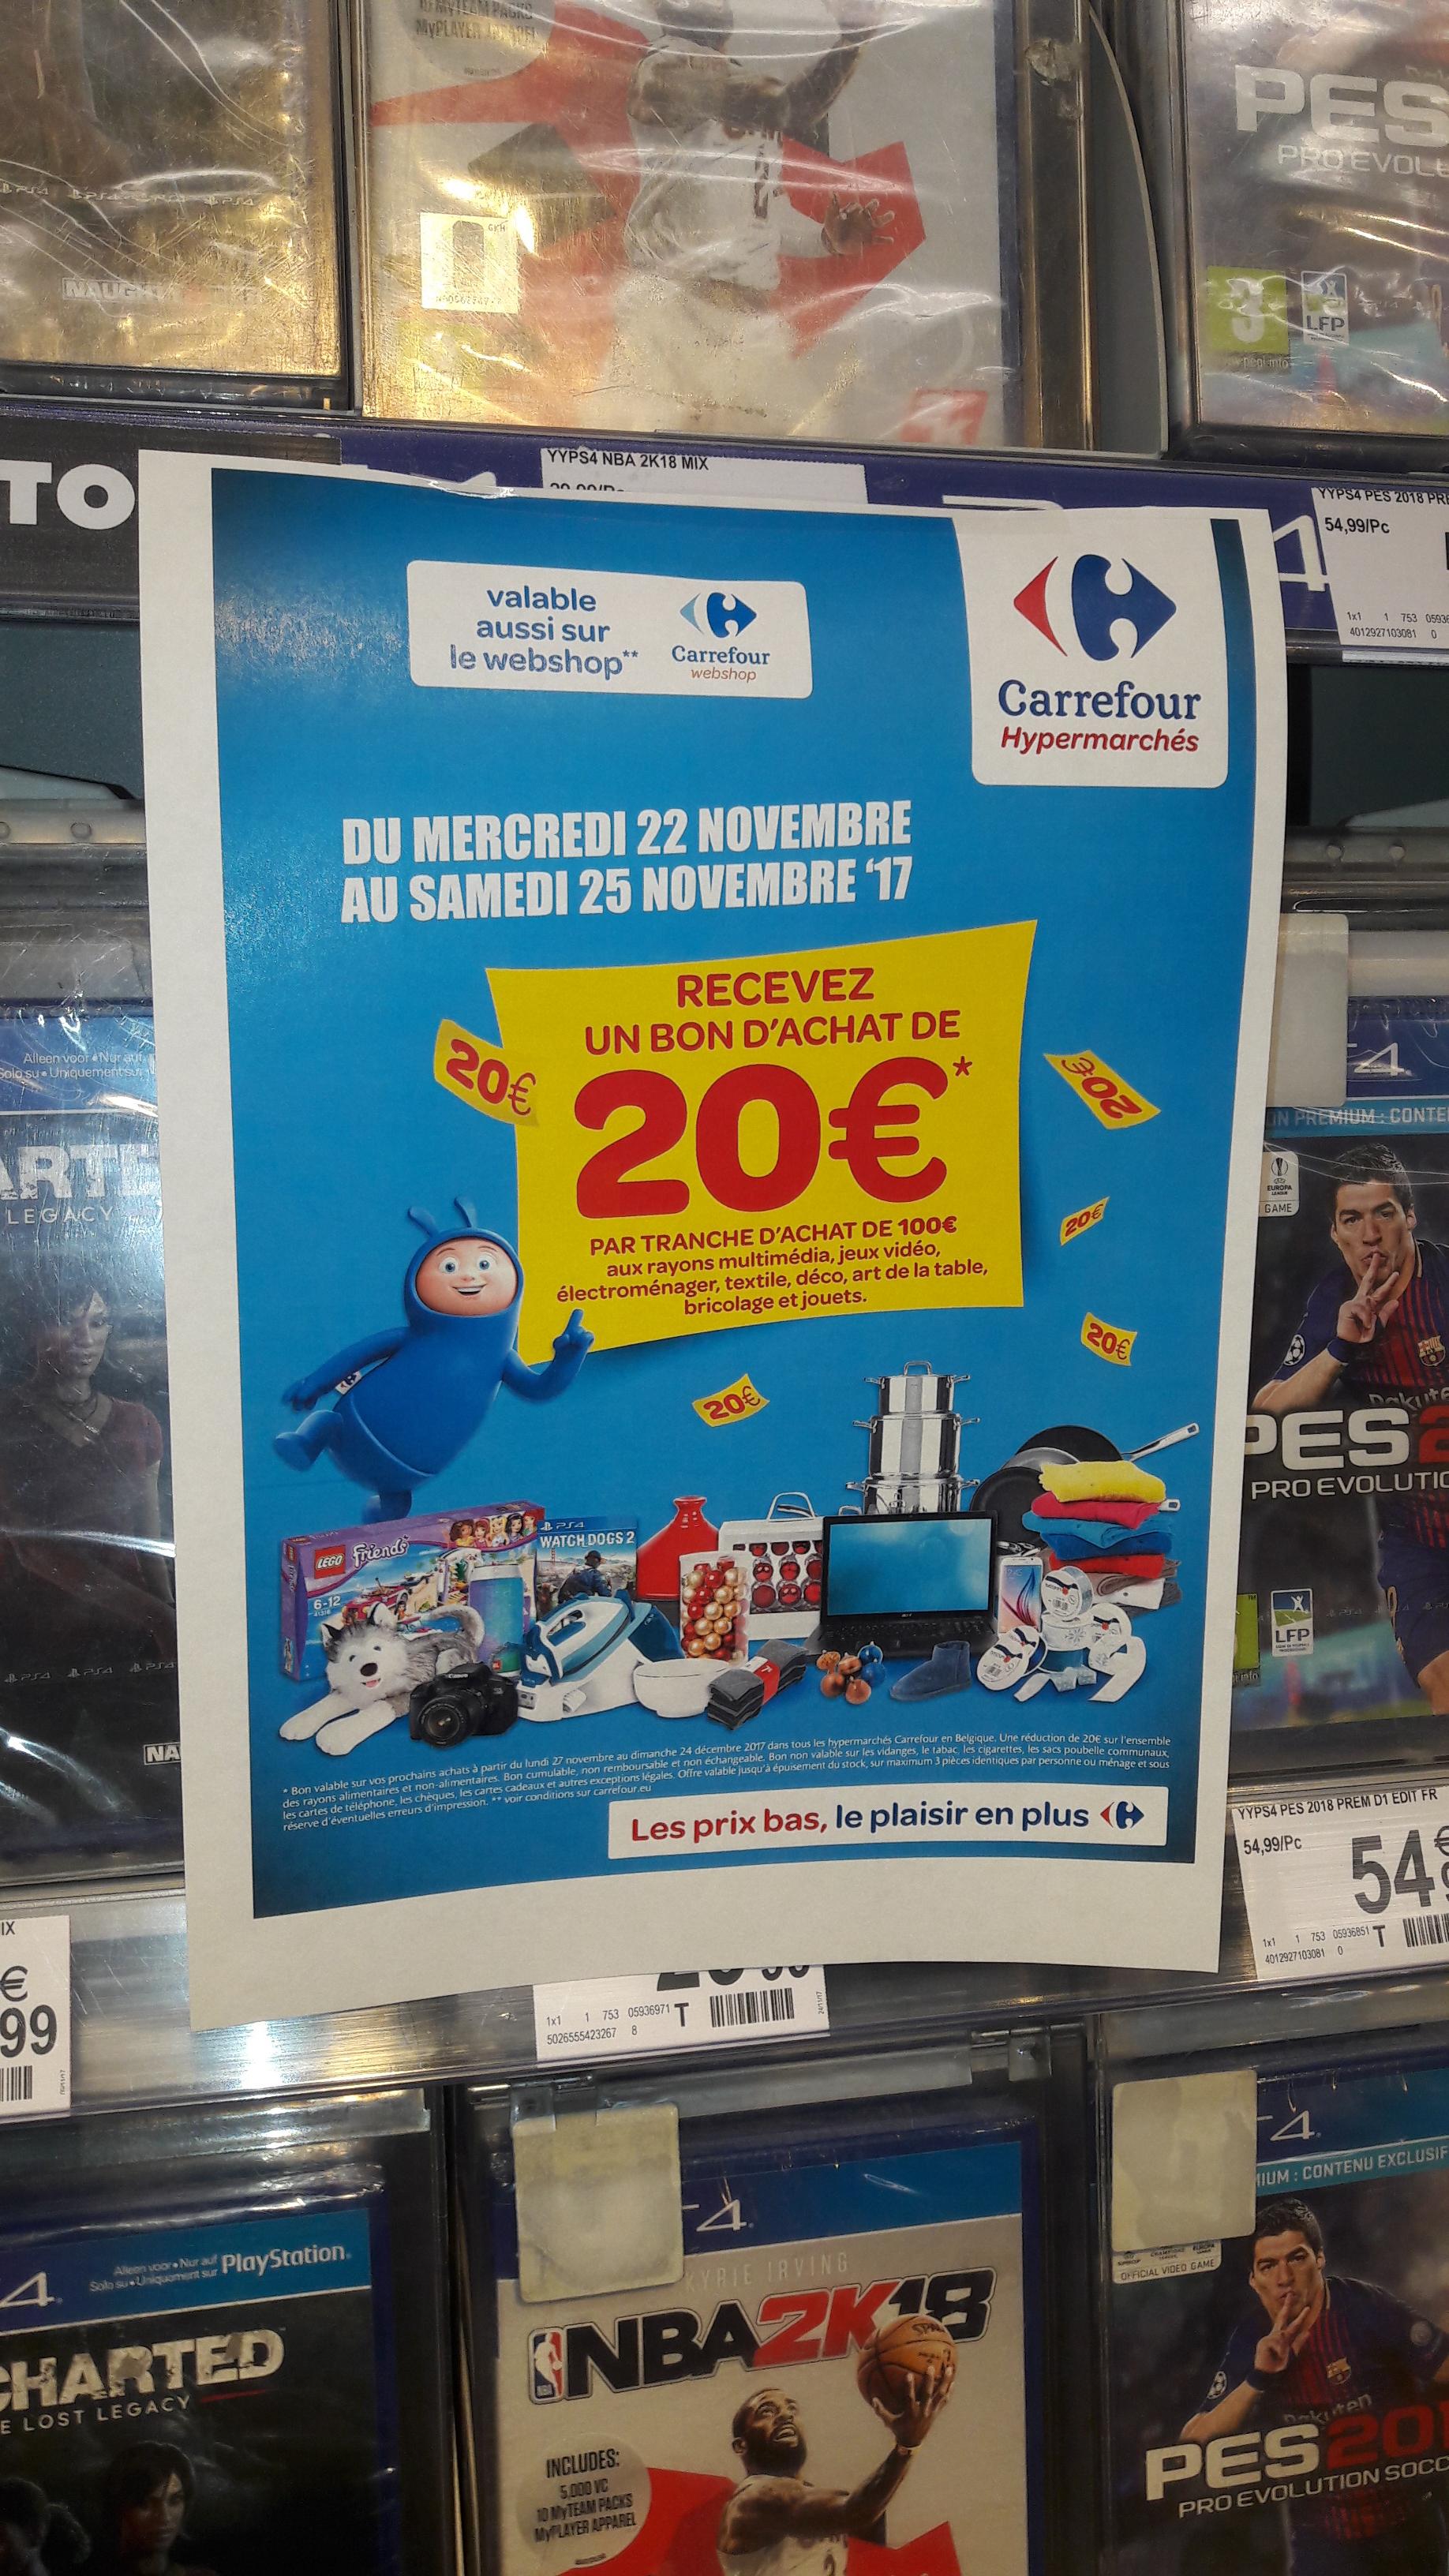 20€ offerts par tranche d'achat de 100€ sur les rayons mutlimédia, jeux-vidéo, électroménager... - Ex : PS4 Slim 1To  + 2 manettes + Fifa 18 à 249€ (Frontaliers Belgique)